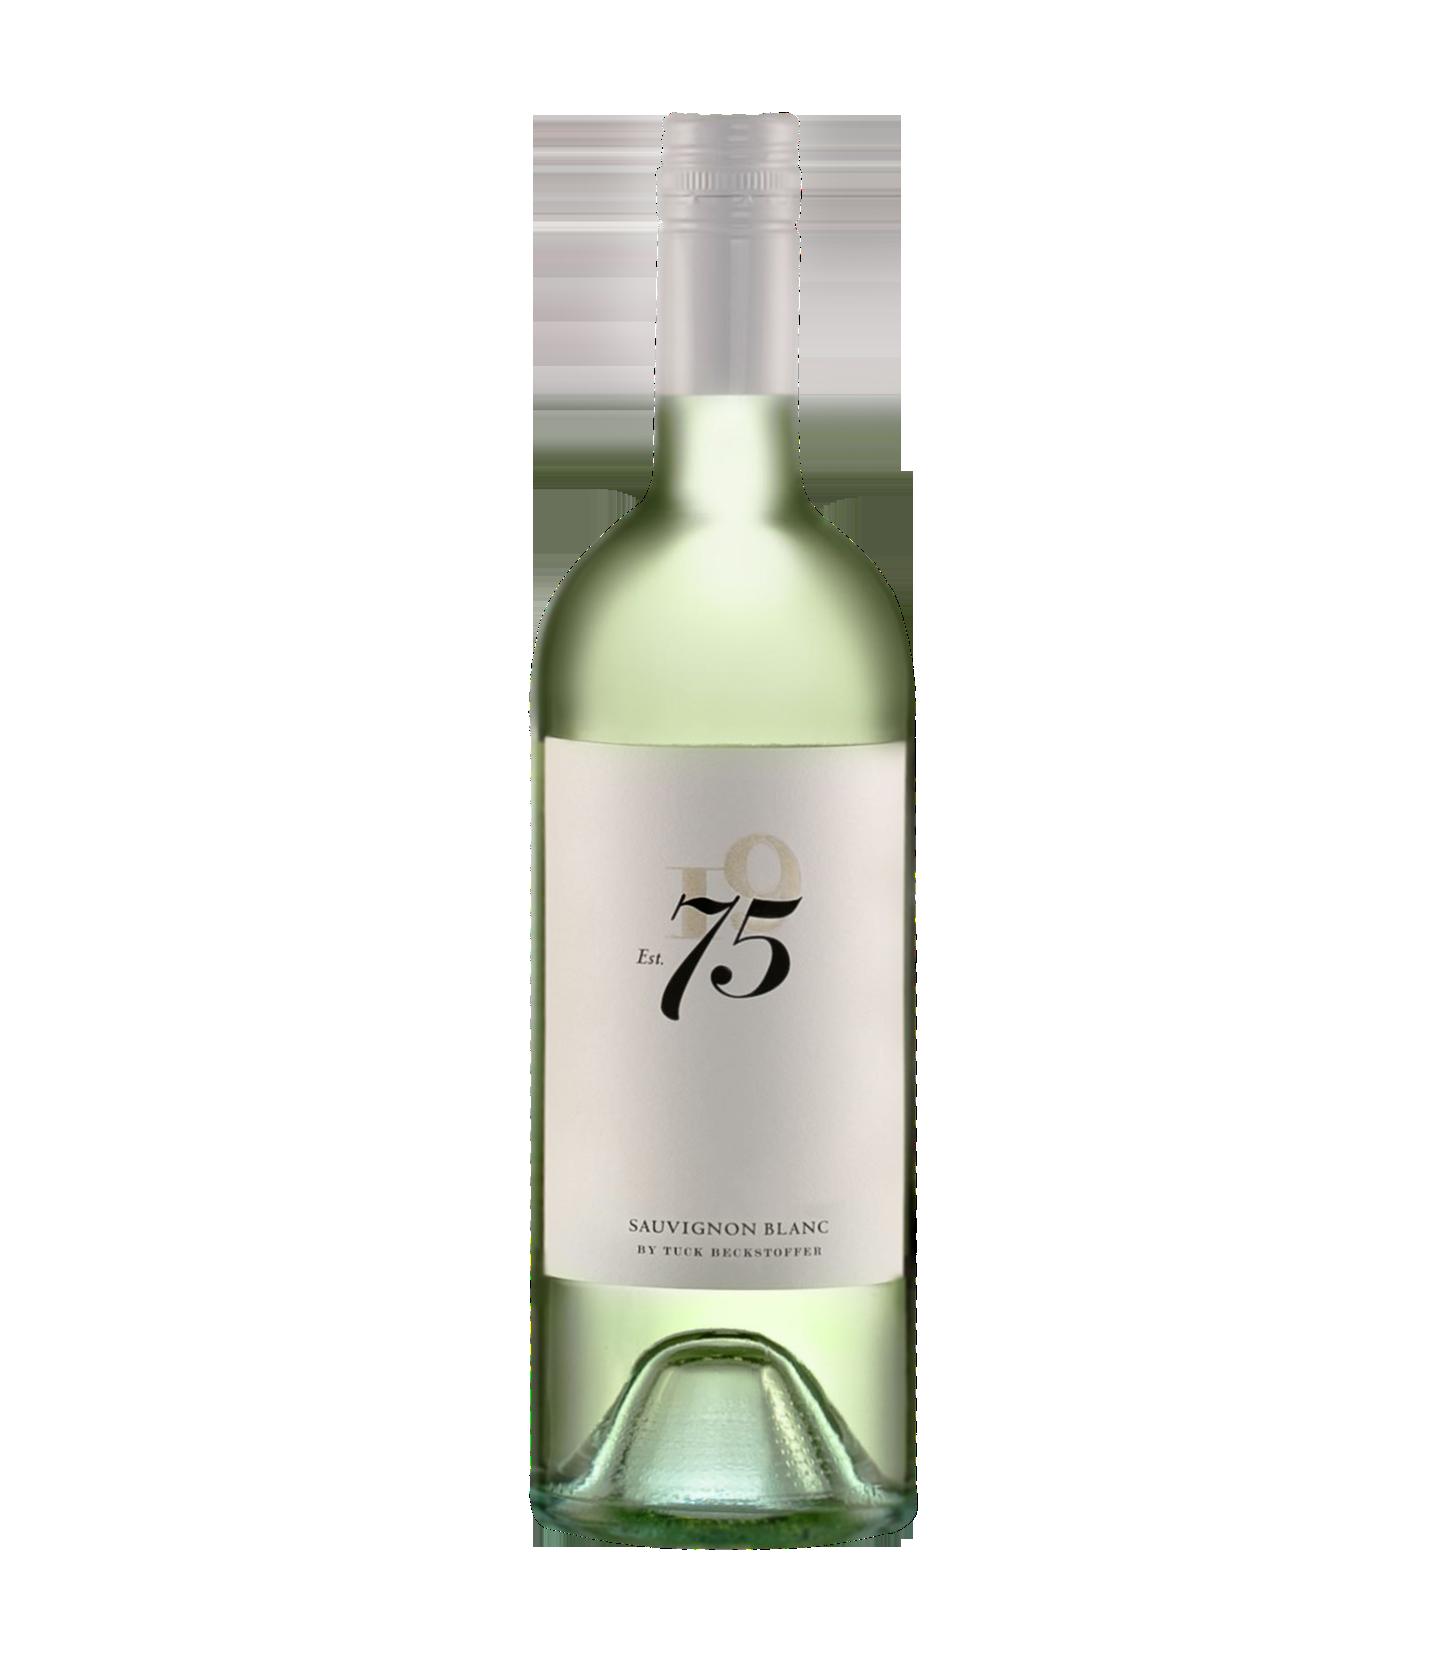 75 Wine Company, Sauvignon Blanc